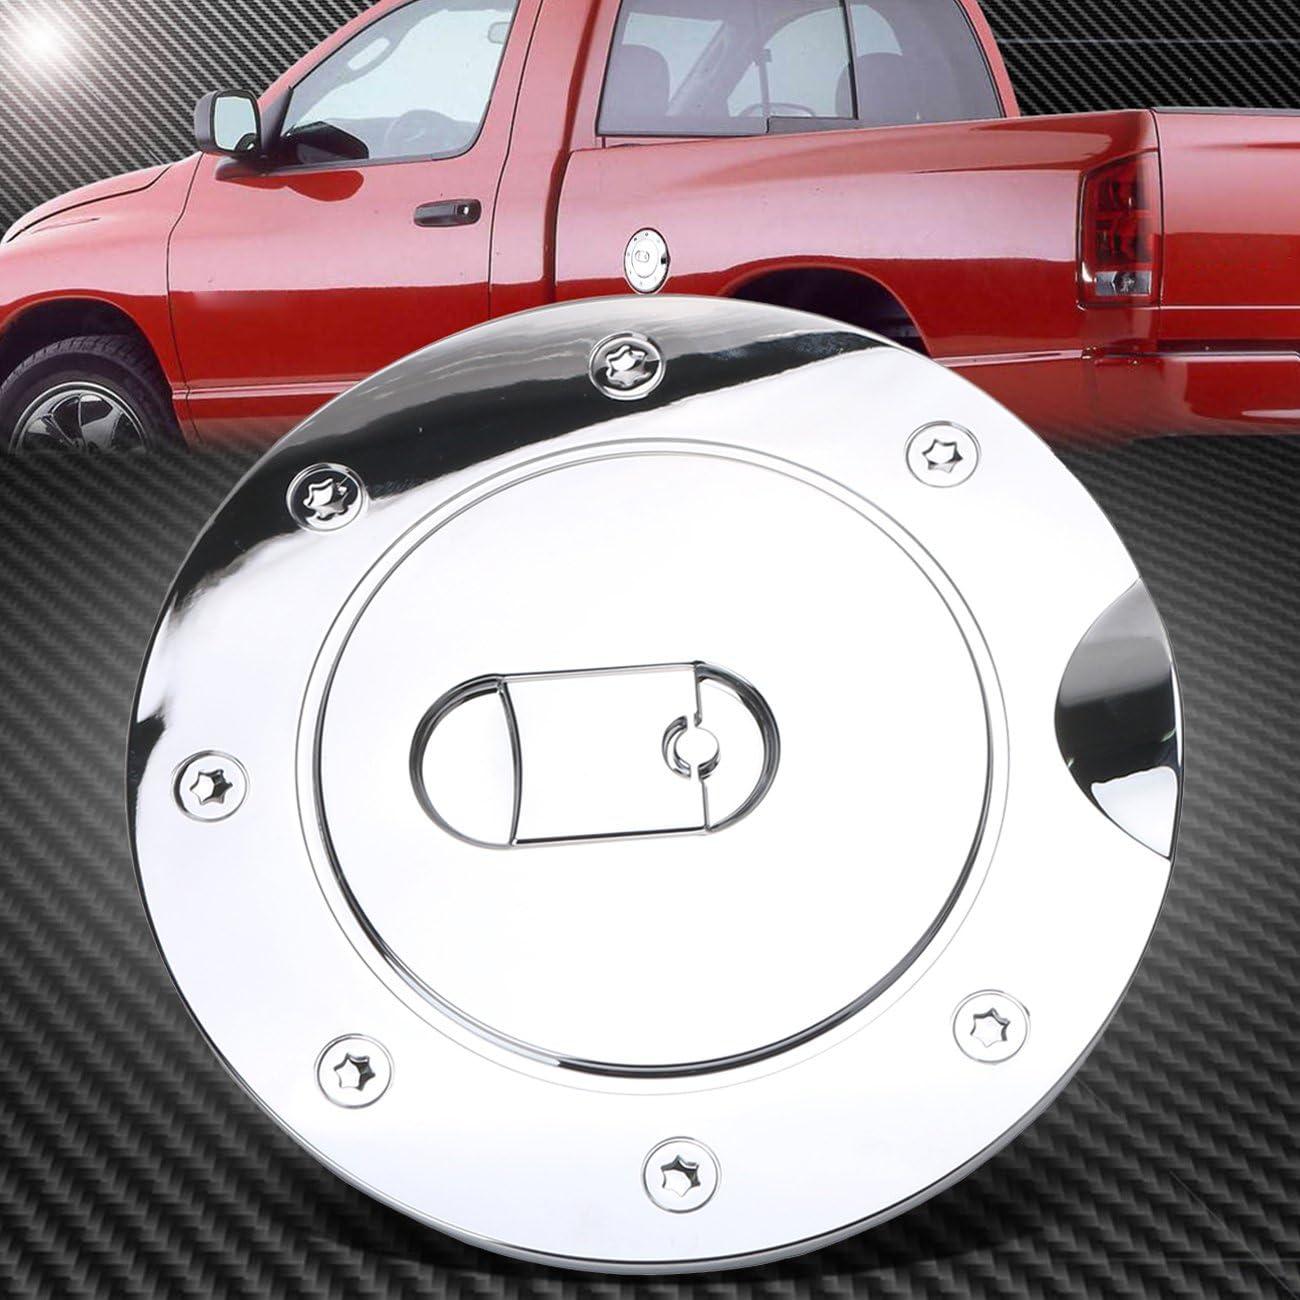 Chrome Upper Mirror Door Tailgate light Covers Tw For Dodge Ram 1500 2009-2015